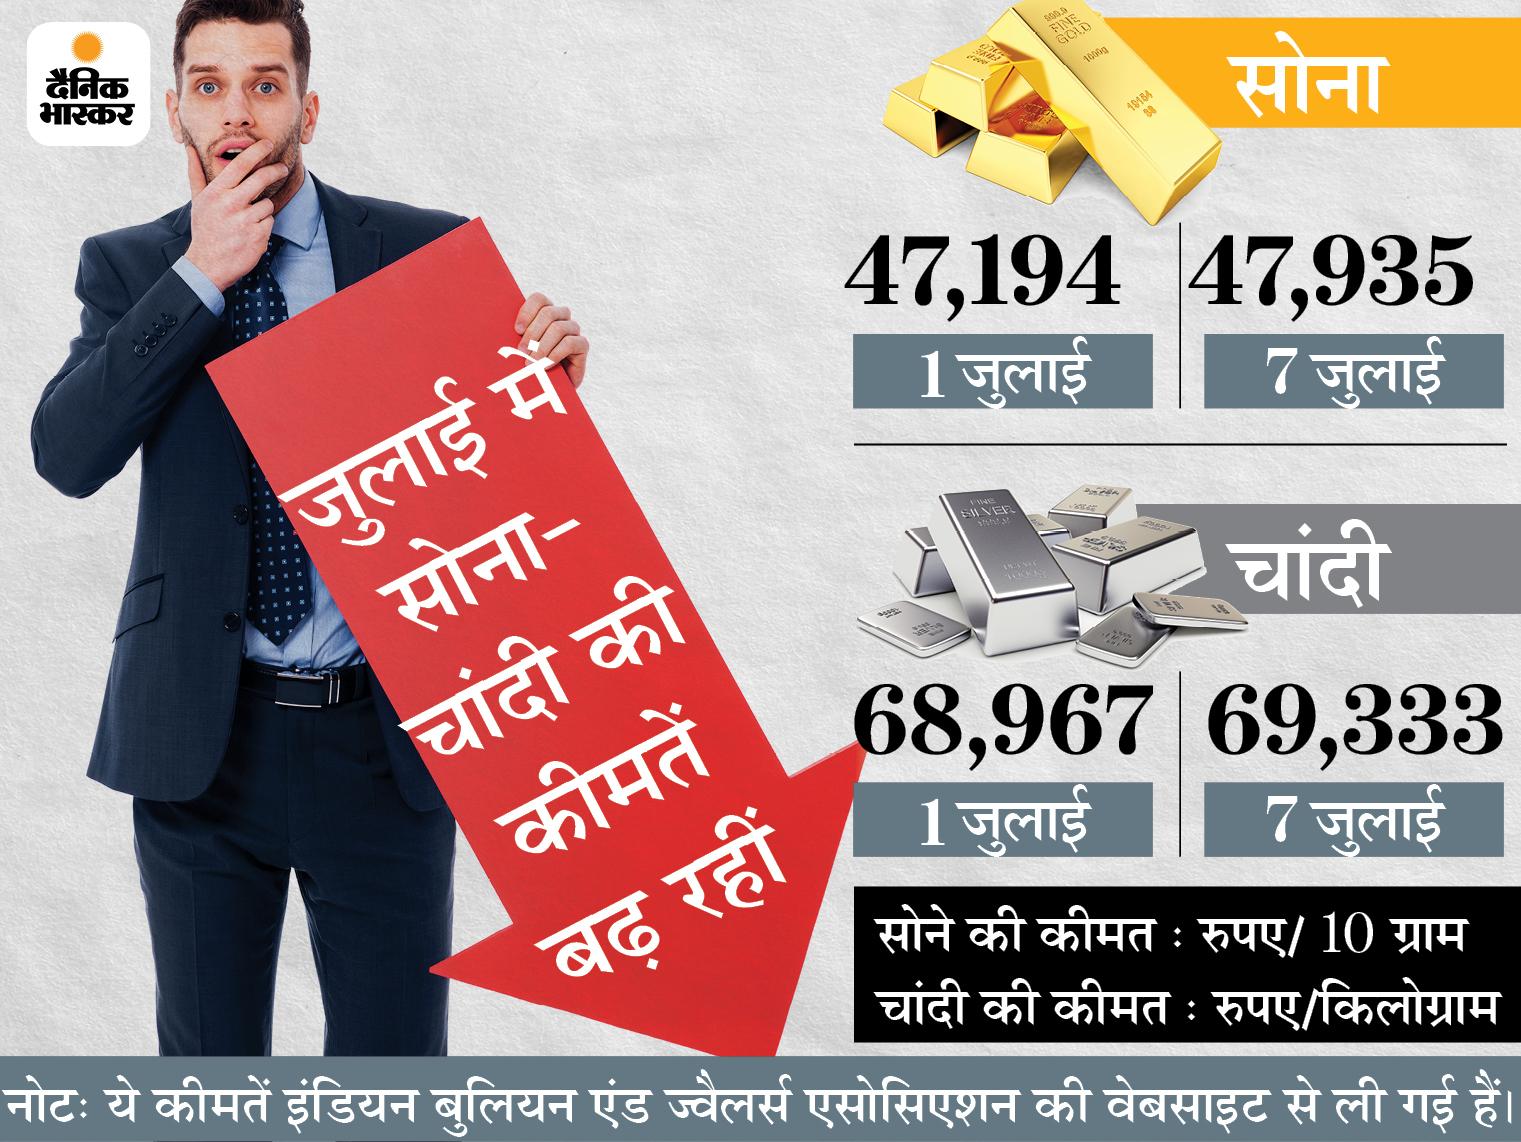 48 हजार पर पहुंचा सोना; हालांकि अब भी पिछले साल के मुकाबले 8 हजार सस्ता, आने वाले दिनों में और बढ़ सकते हैं दाम|बिजनेस,Business - Dainik Bhaskar